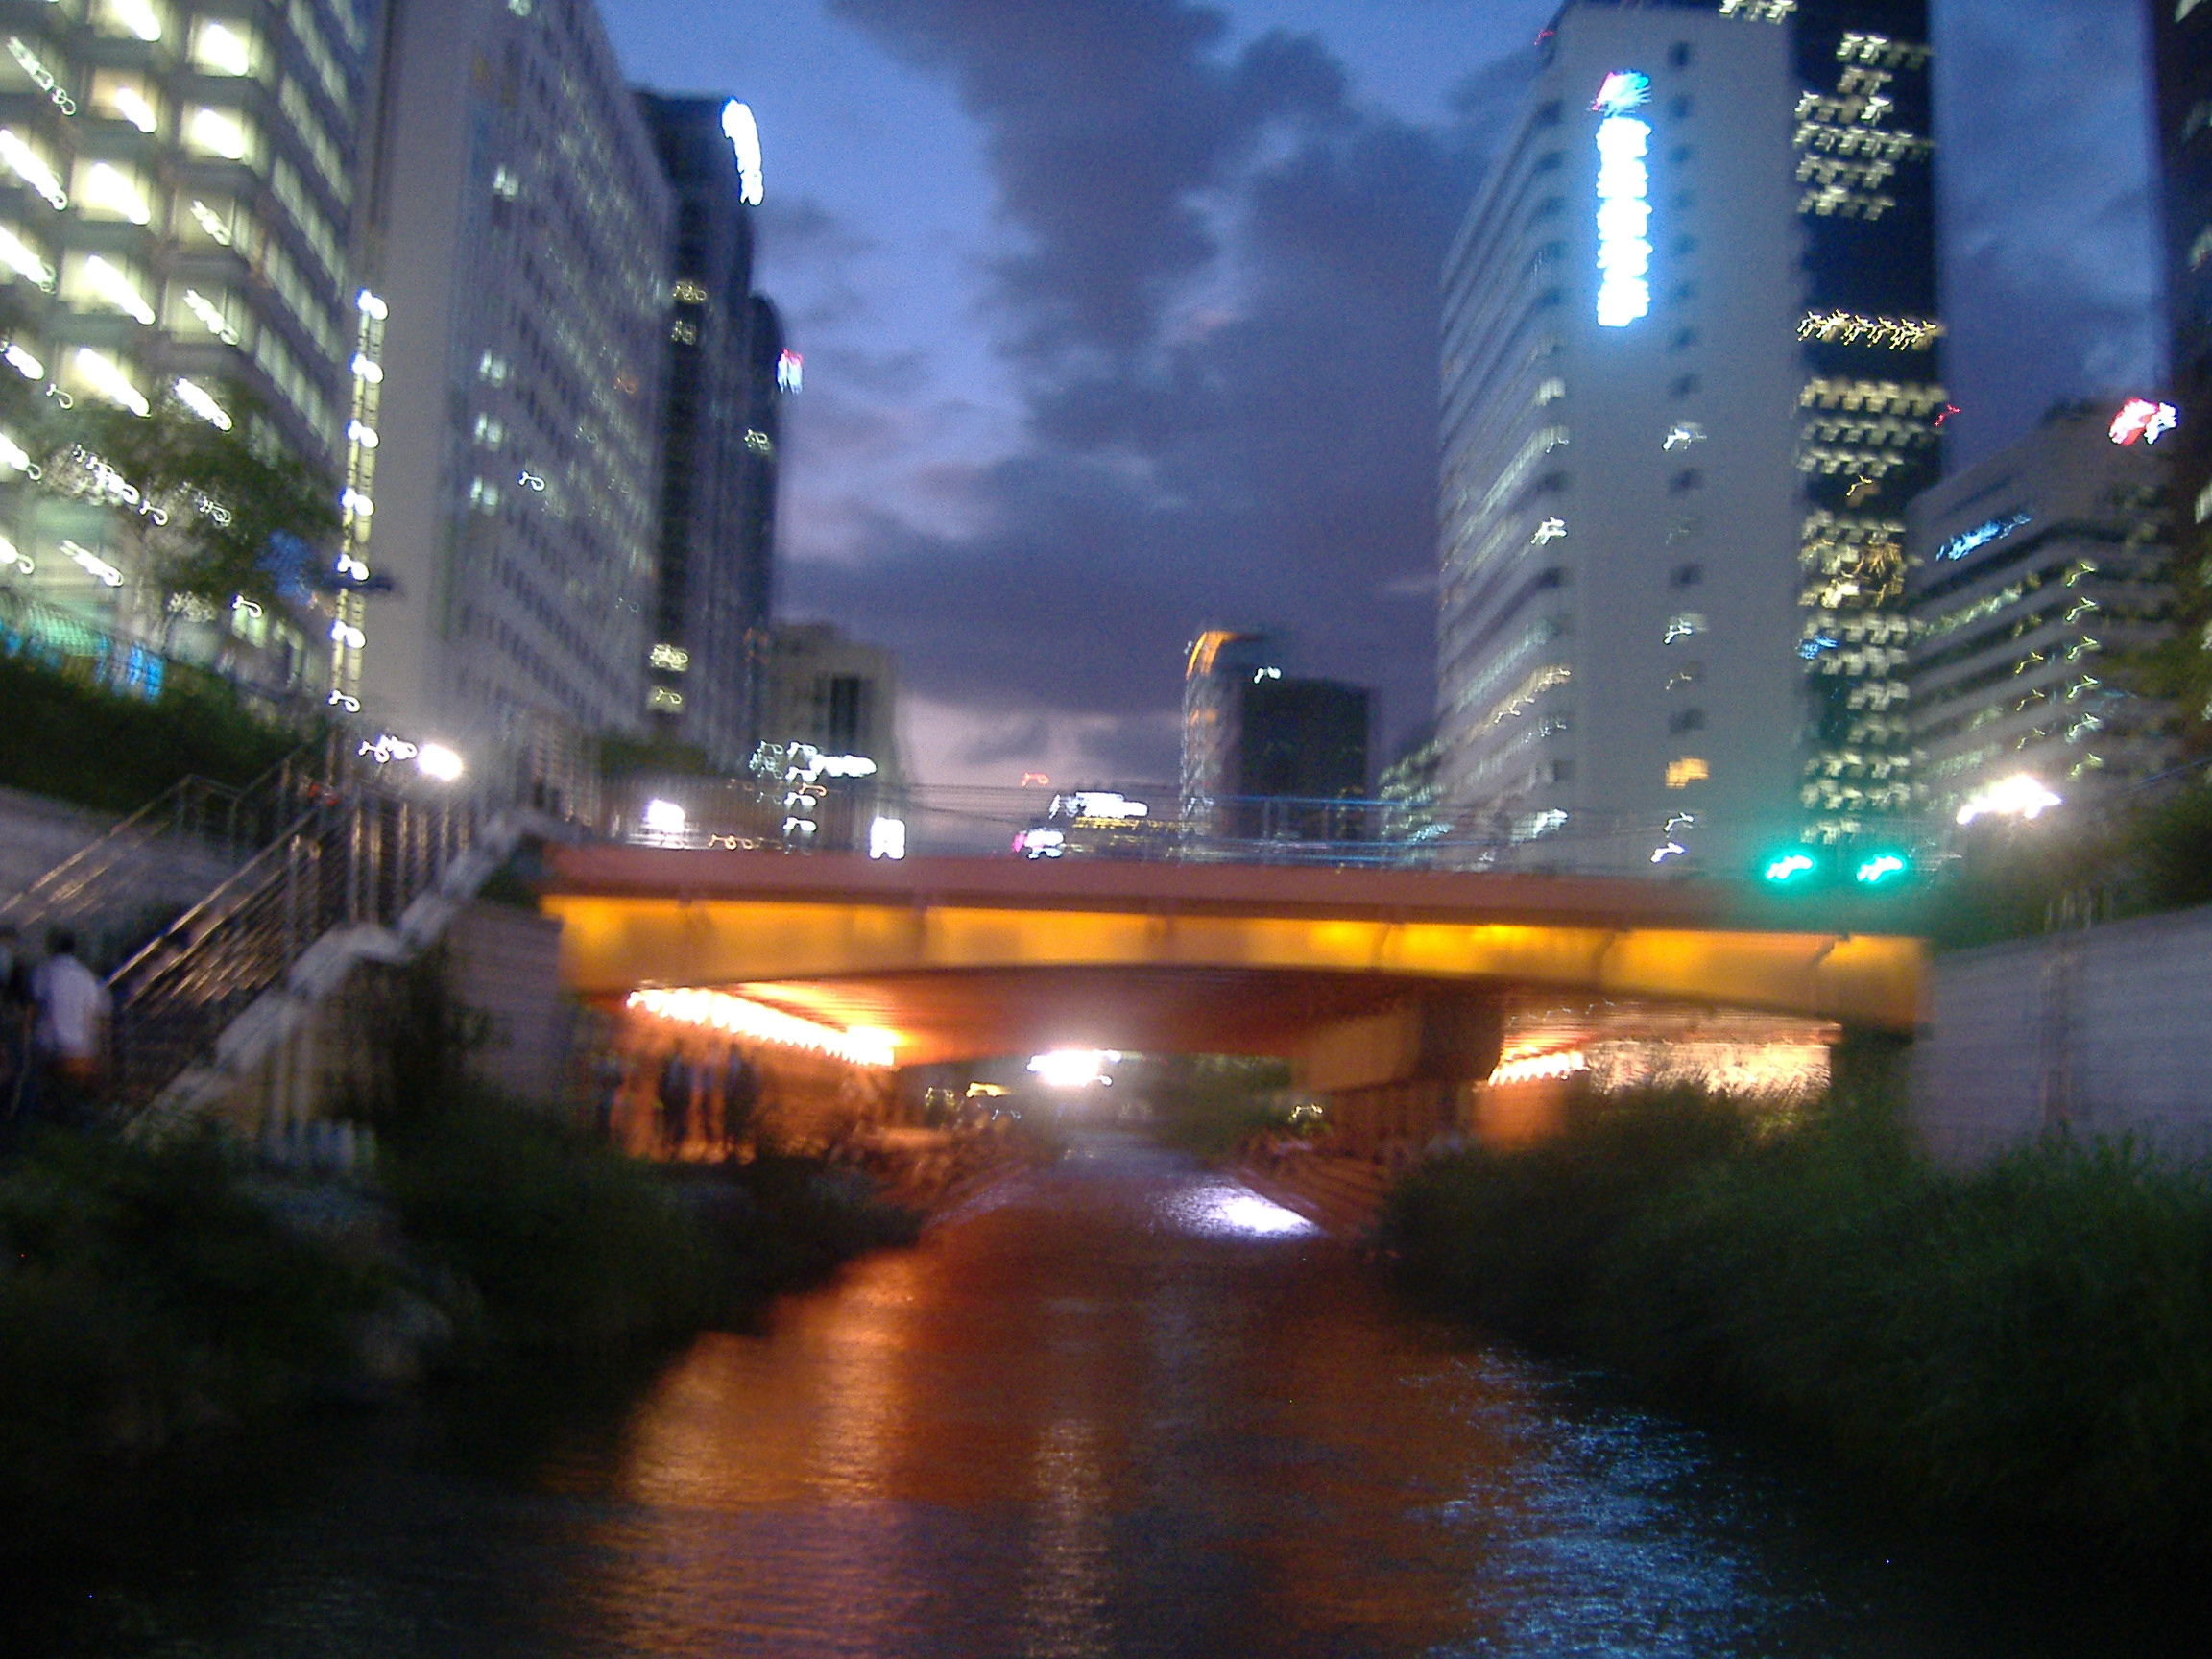 ソウル中心部を流れる川夜